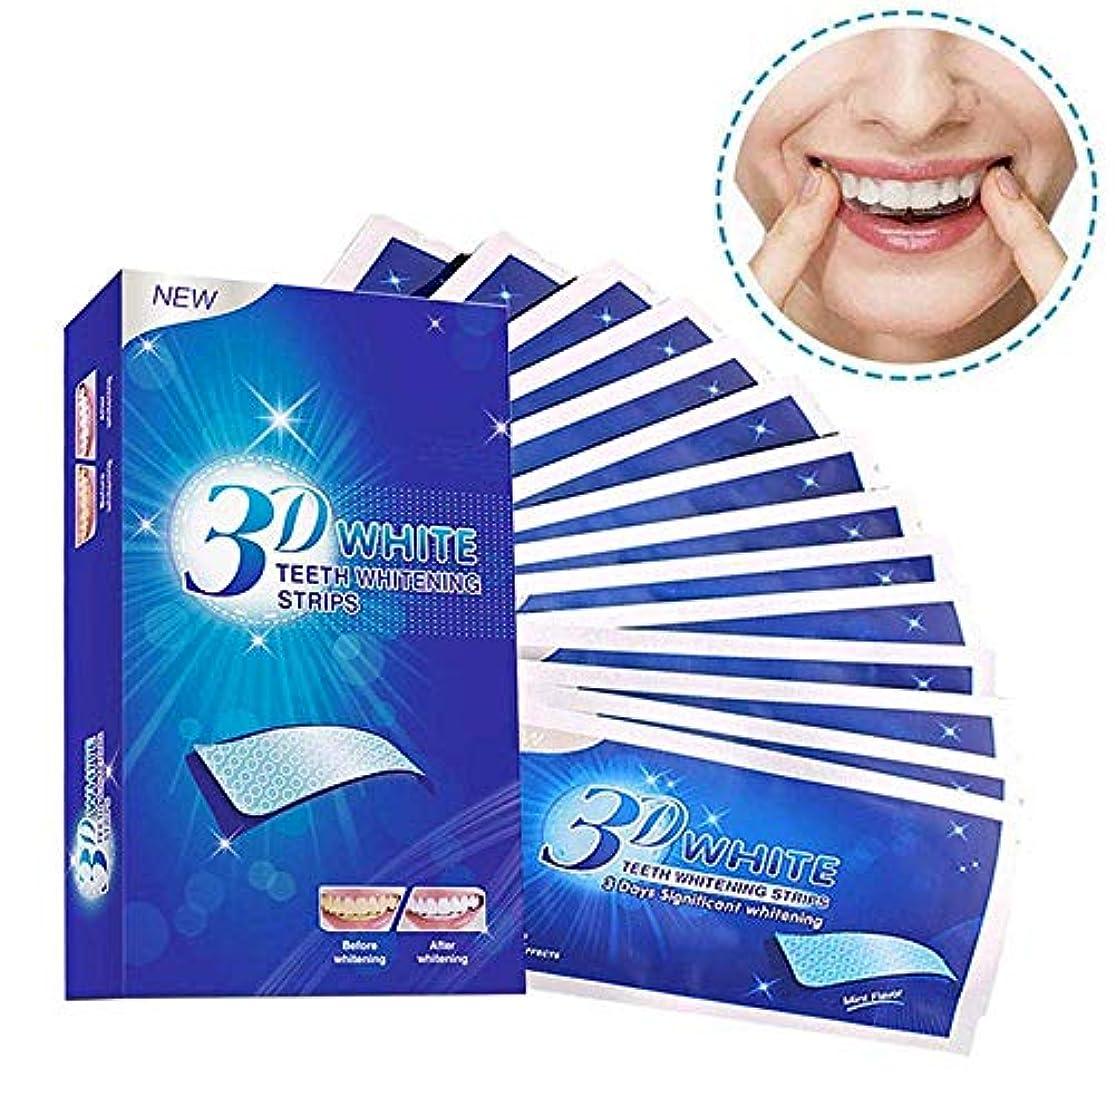 戦いスペア憤る歯 美白 ホワイトニング マニキュア 歯ケア 歯のホワイトニング 美白歯磨き 歯を白 ホワイトニングテープ 歯を漂白 7セット/14枚 (7セット/14枚)